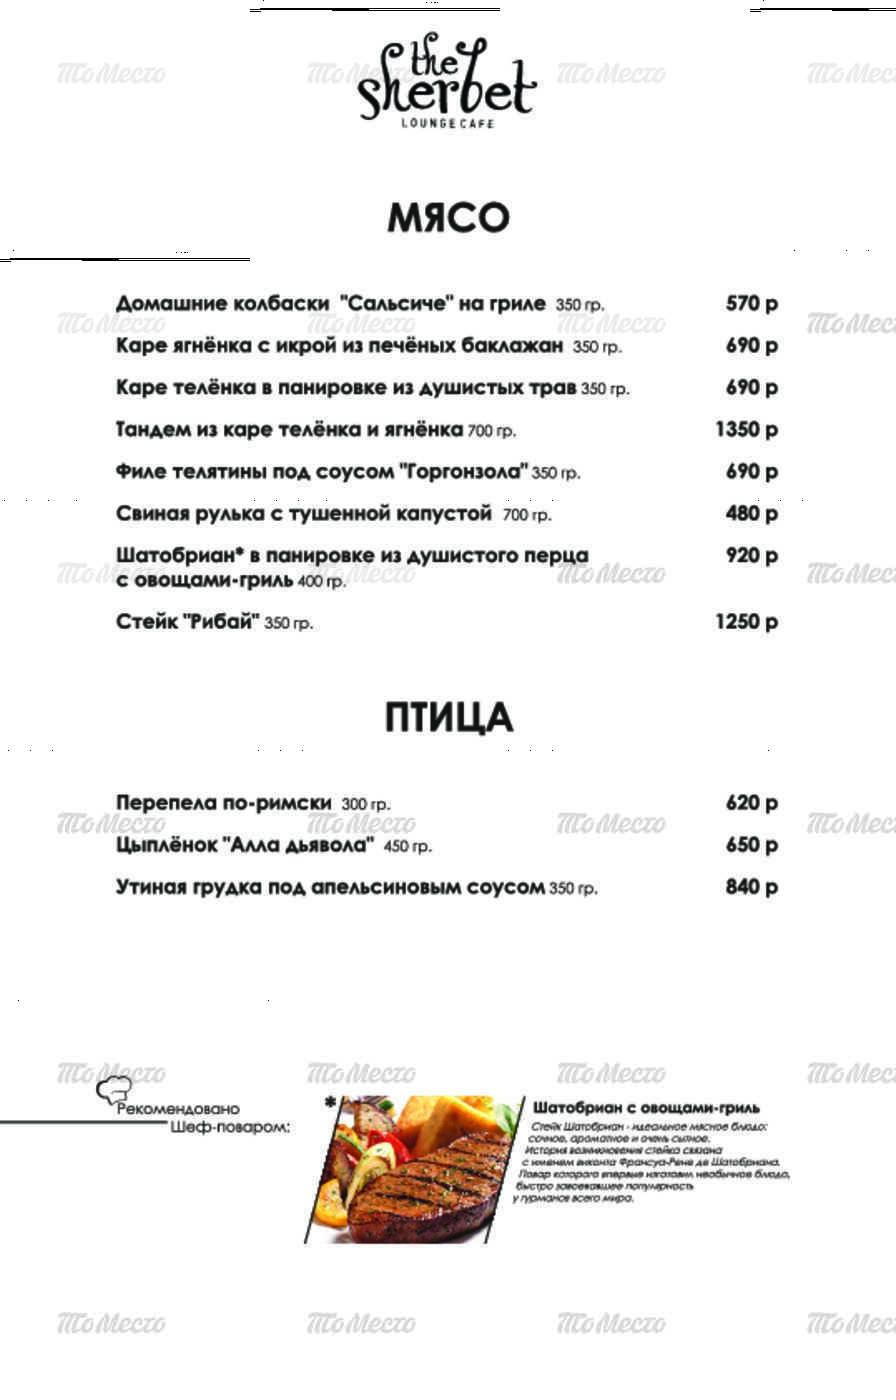 Меню ресторана The Sherbet на Коммунистической улице